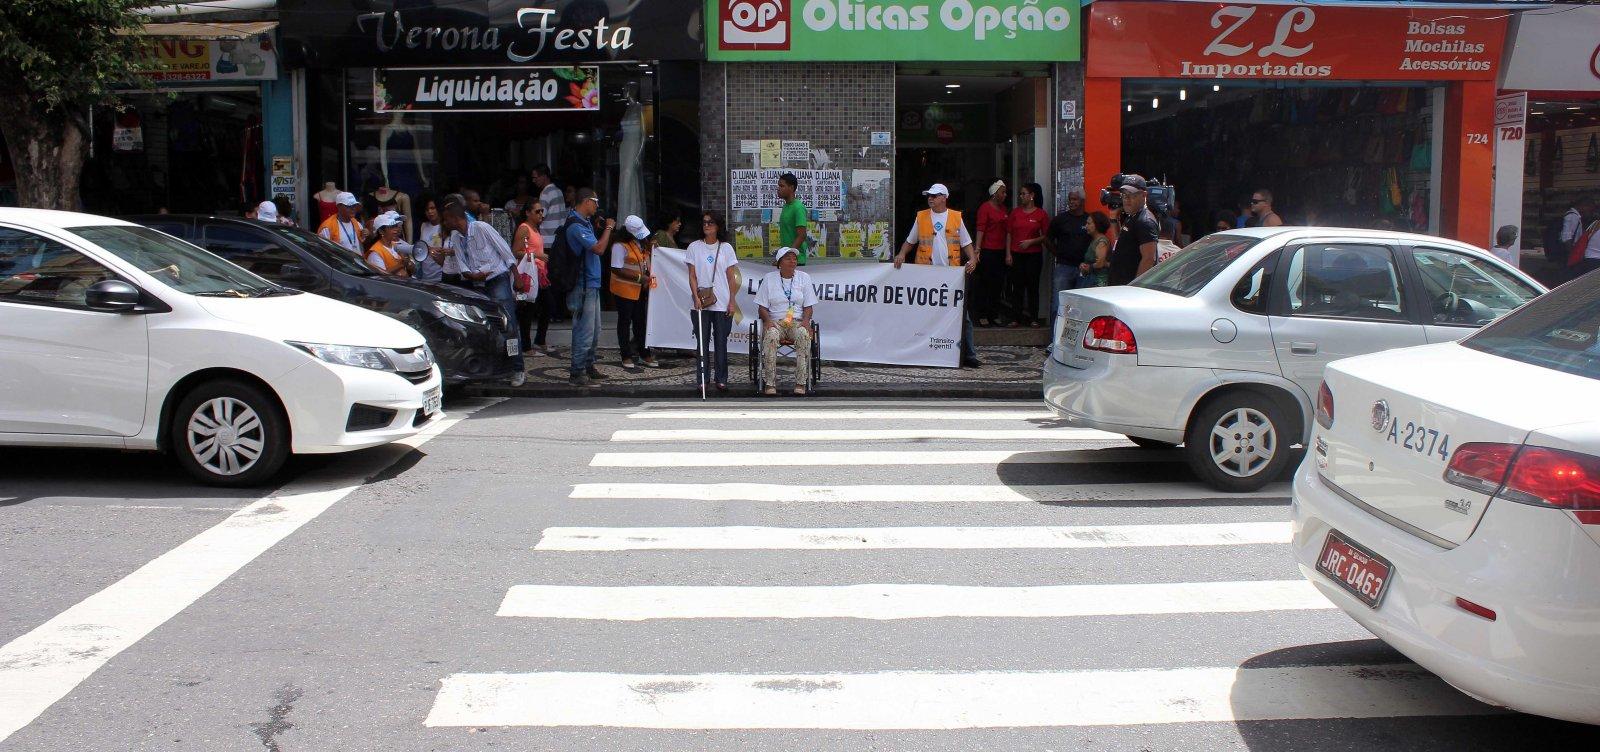 Mortes por acidentes de trânsito em Salvador têm queda de 54% em sete anos